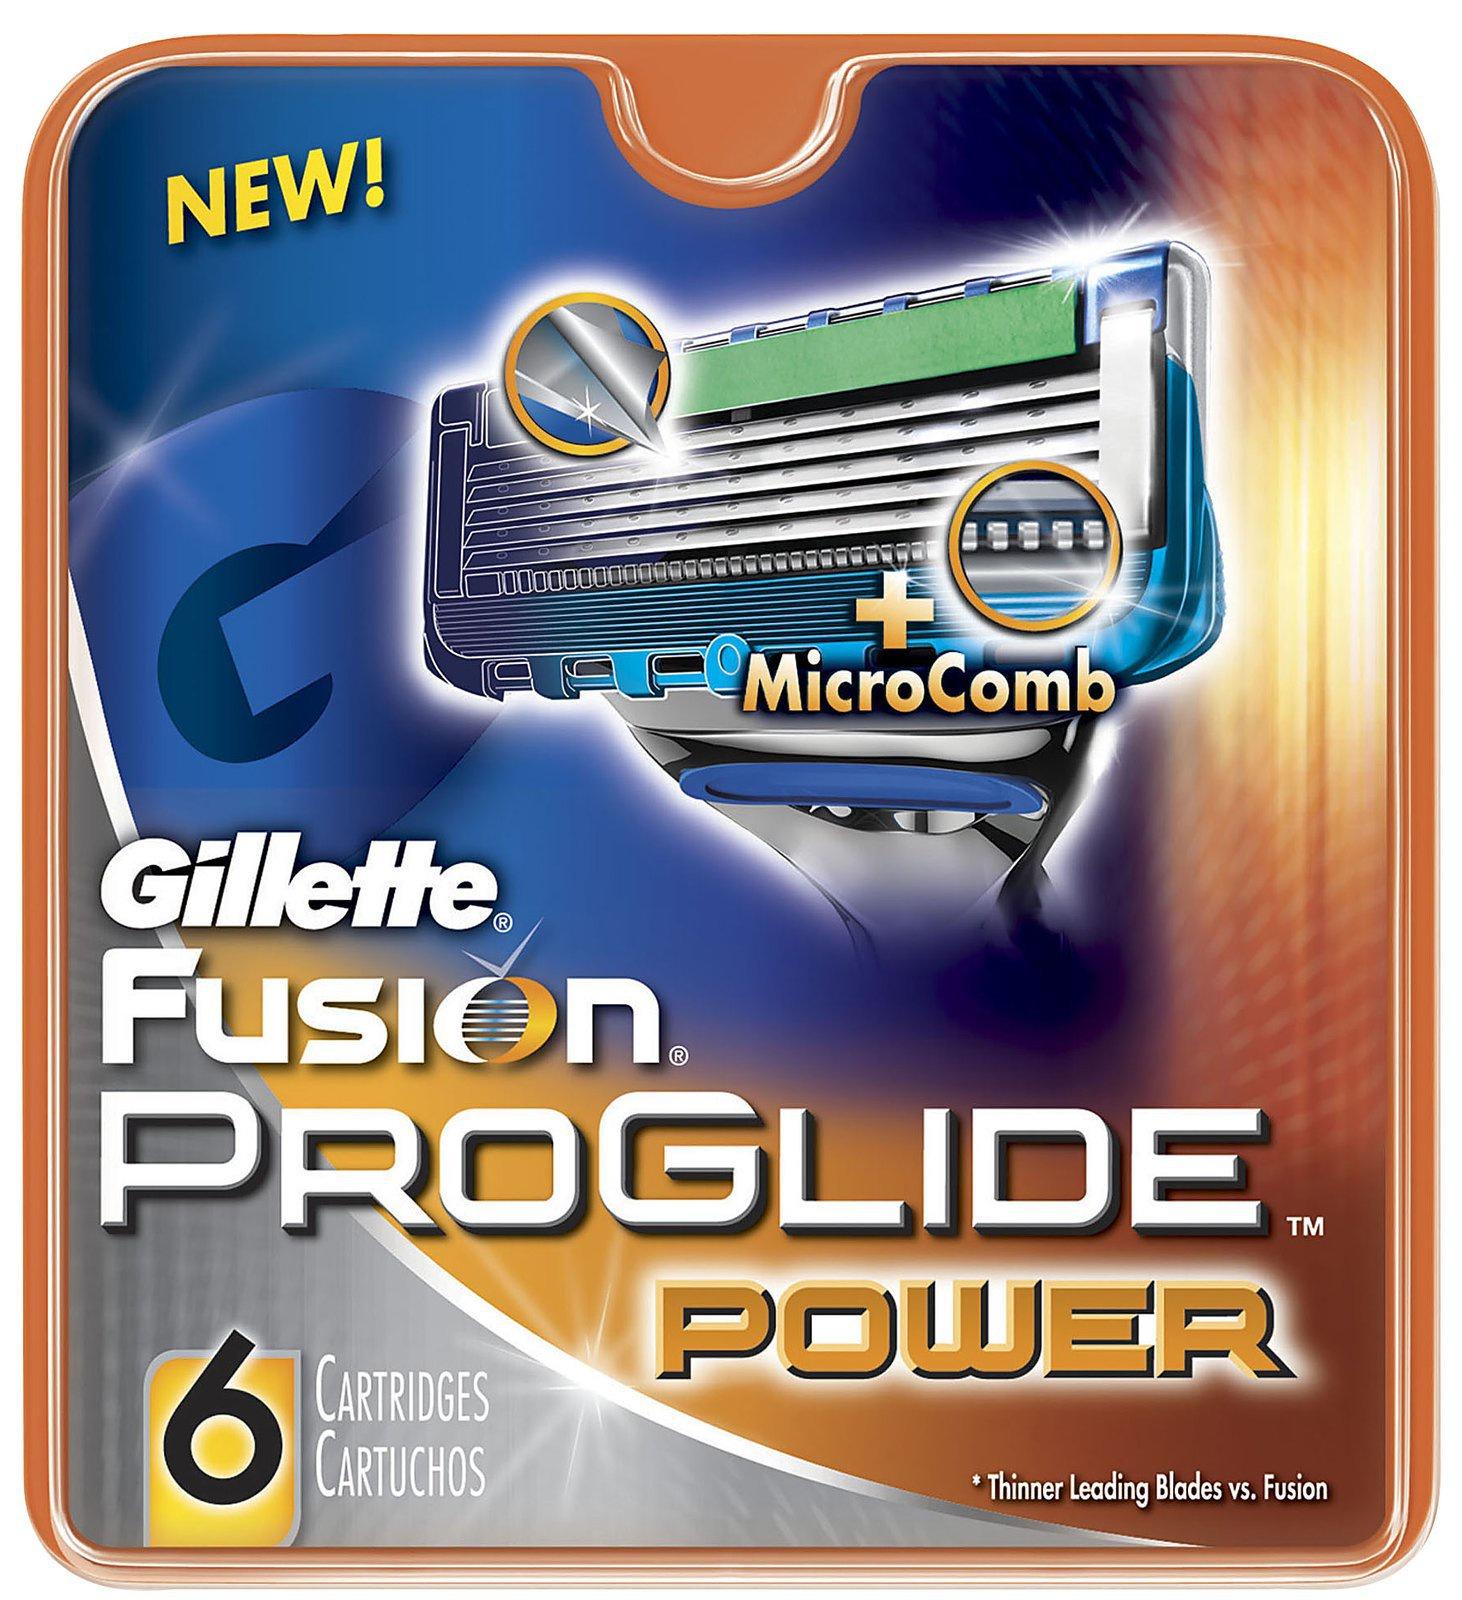 Сменные кассеты для бритв Gillette сменные кассеты Fusion ProGlide Power 6 сменные кассеты для мужской бритвы fusion proglide gillette 6 шт